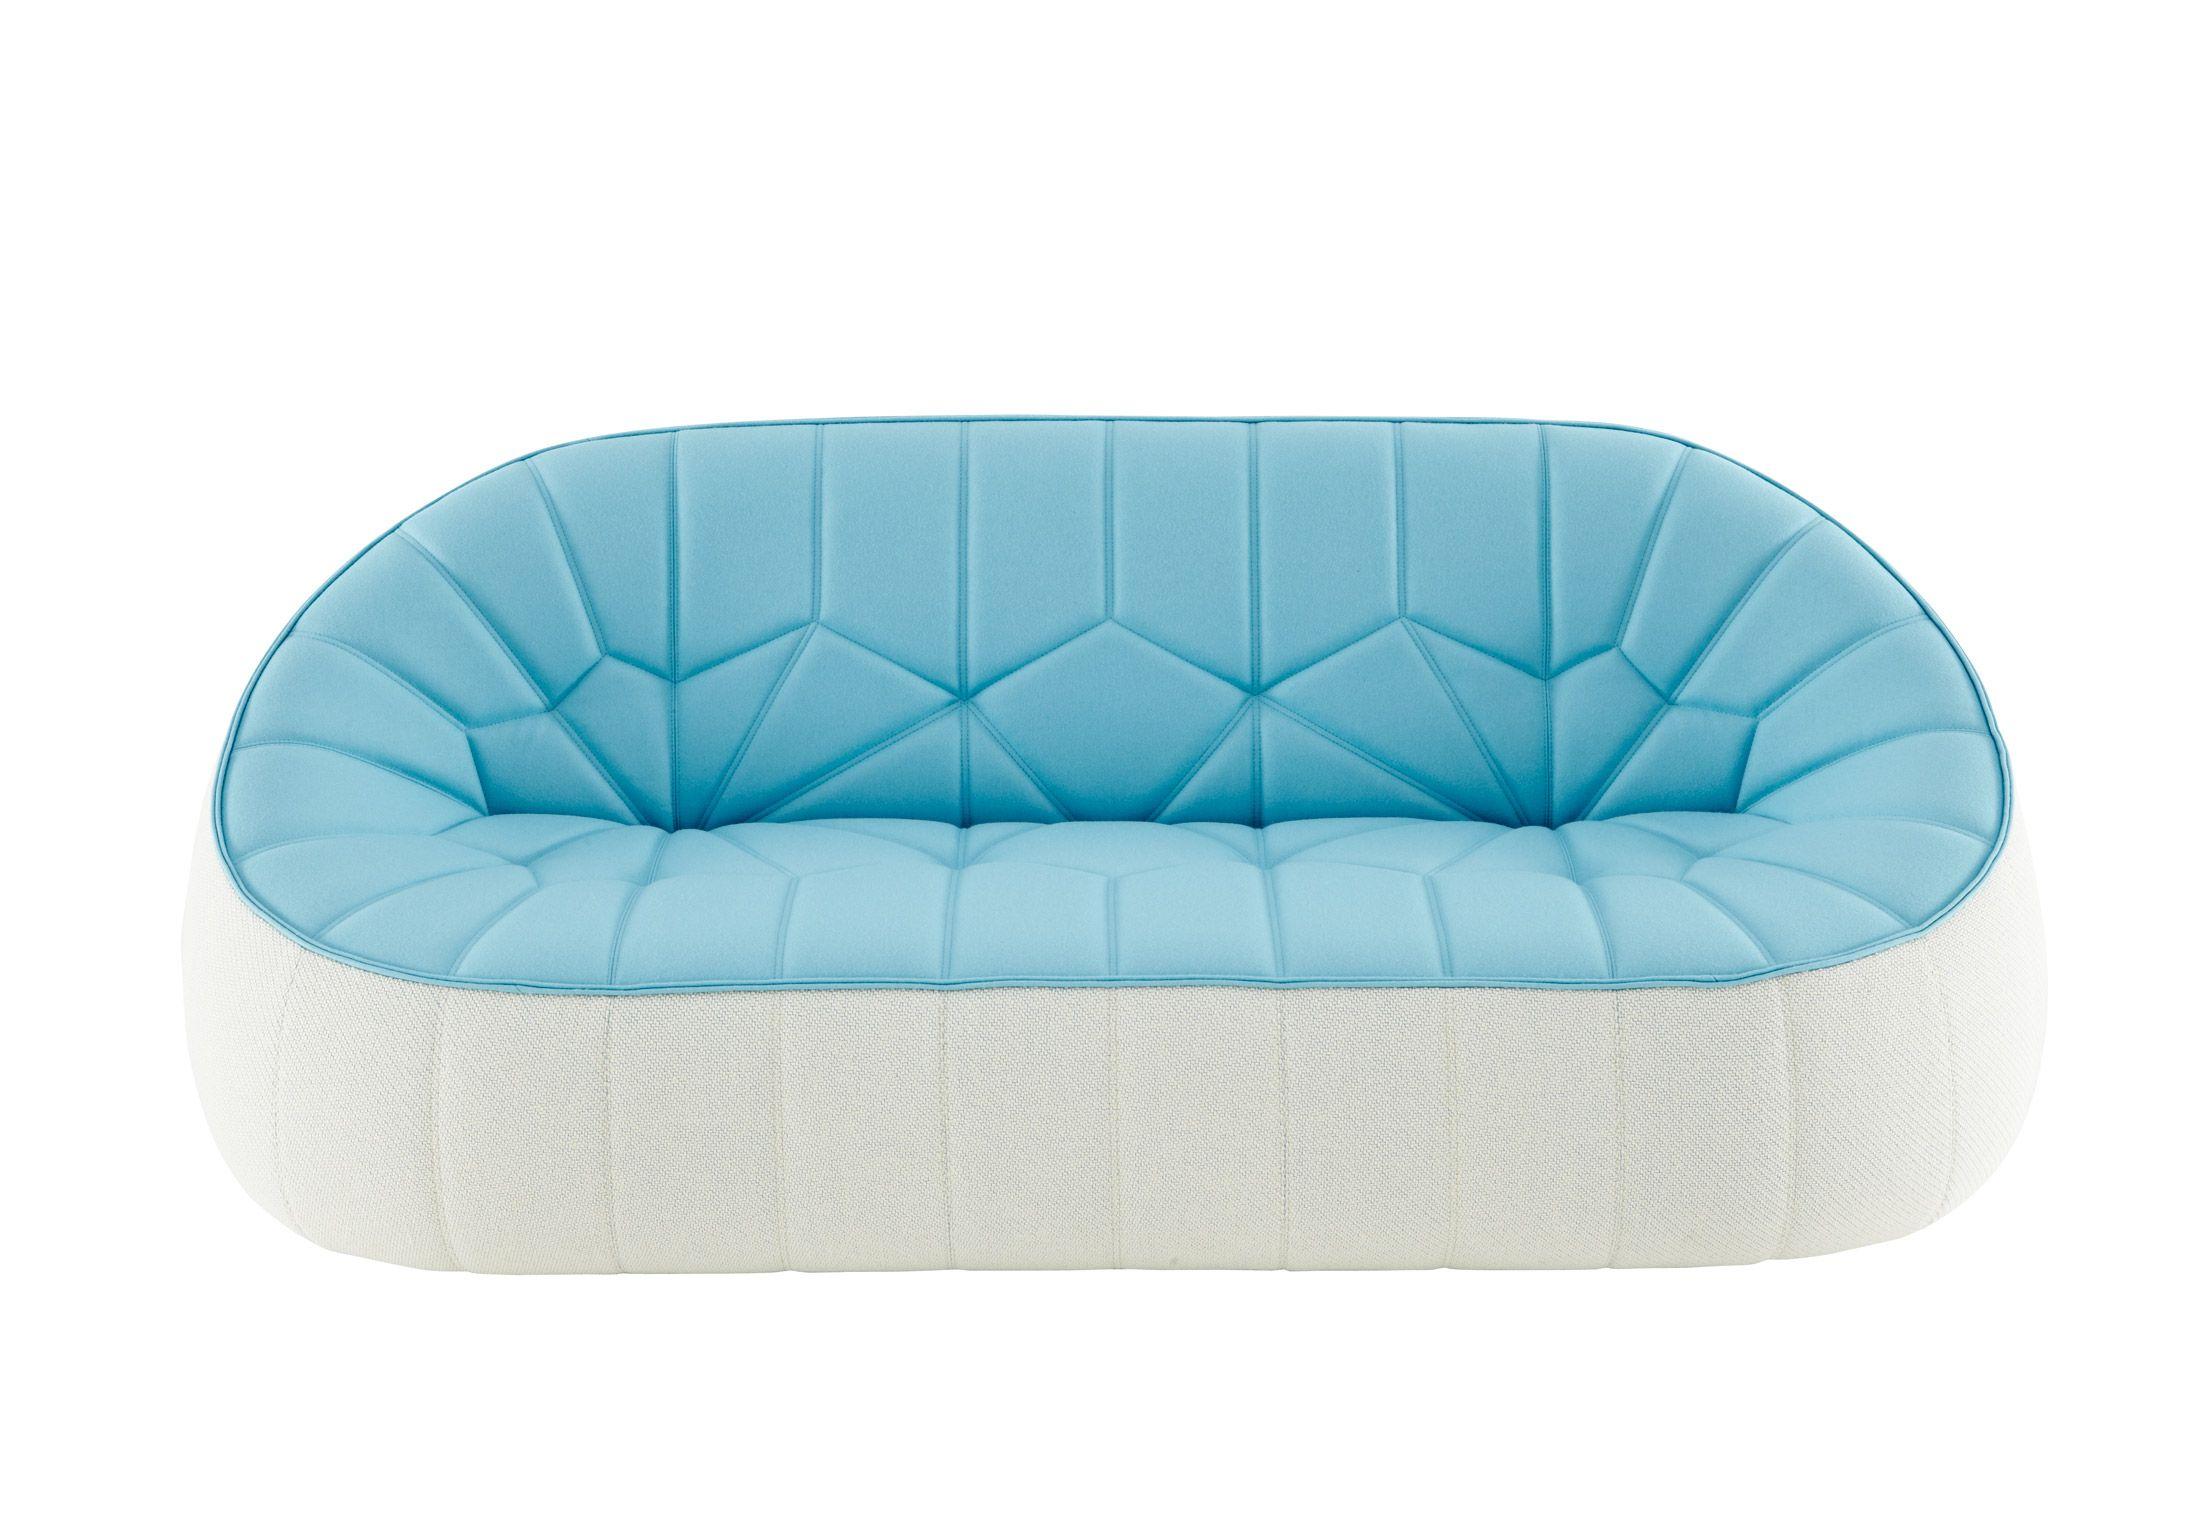 noé duchaufour lawrance ligne roset ottoman armchair | sofas, Wohnzimmer dekoo